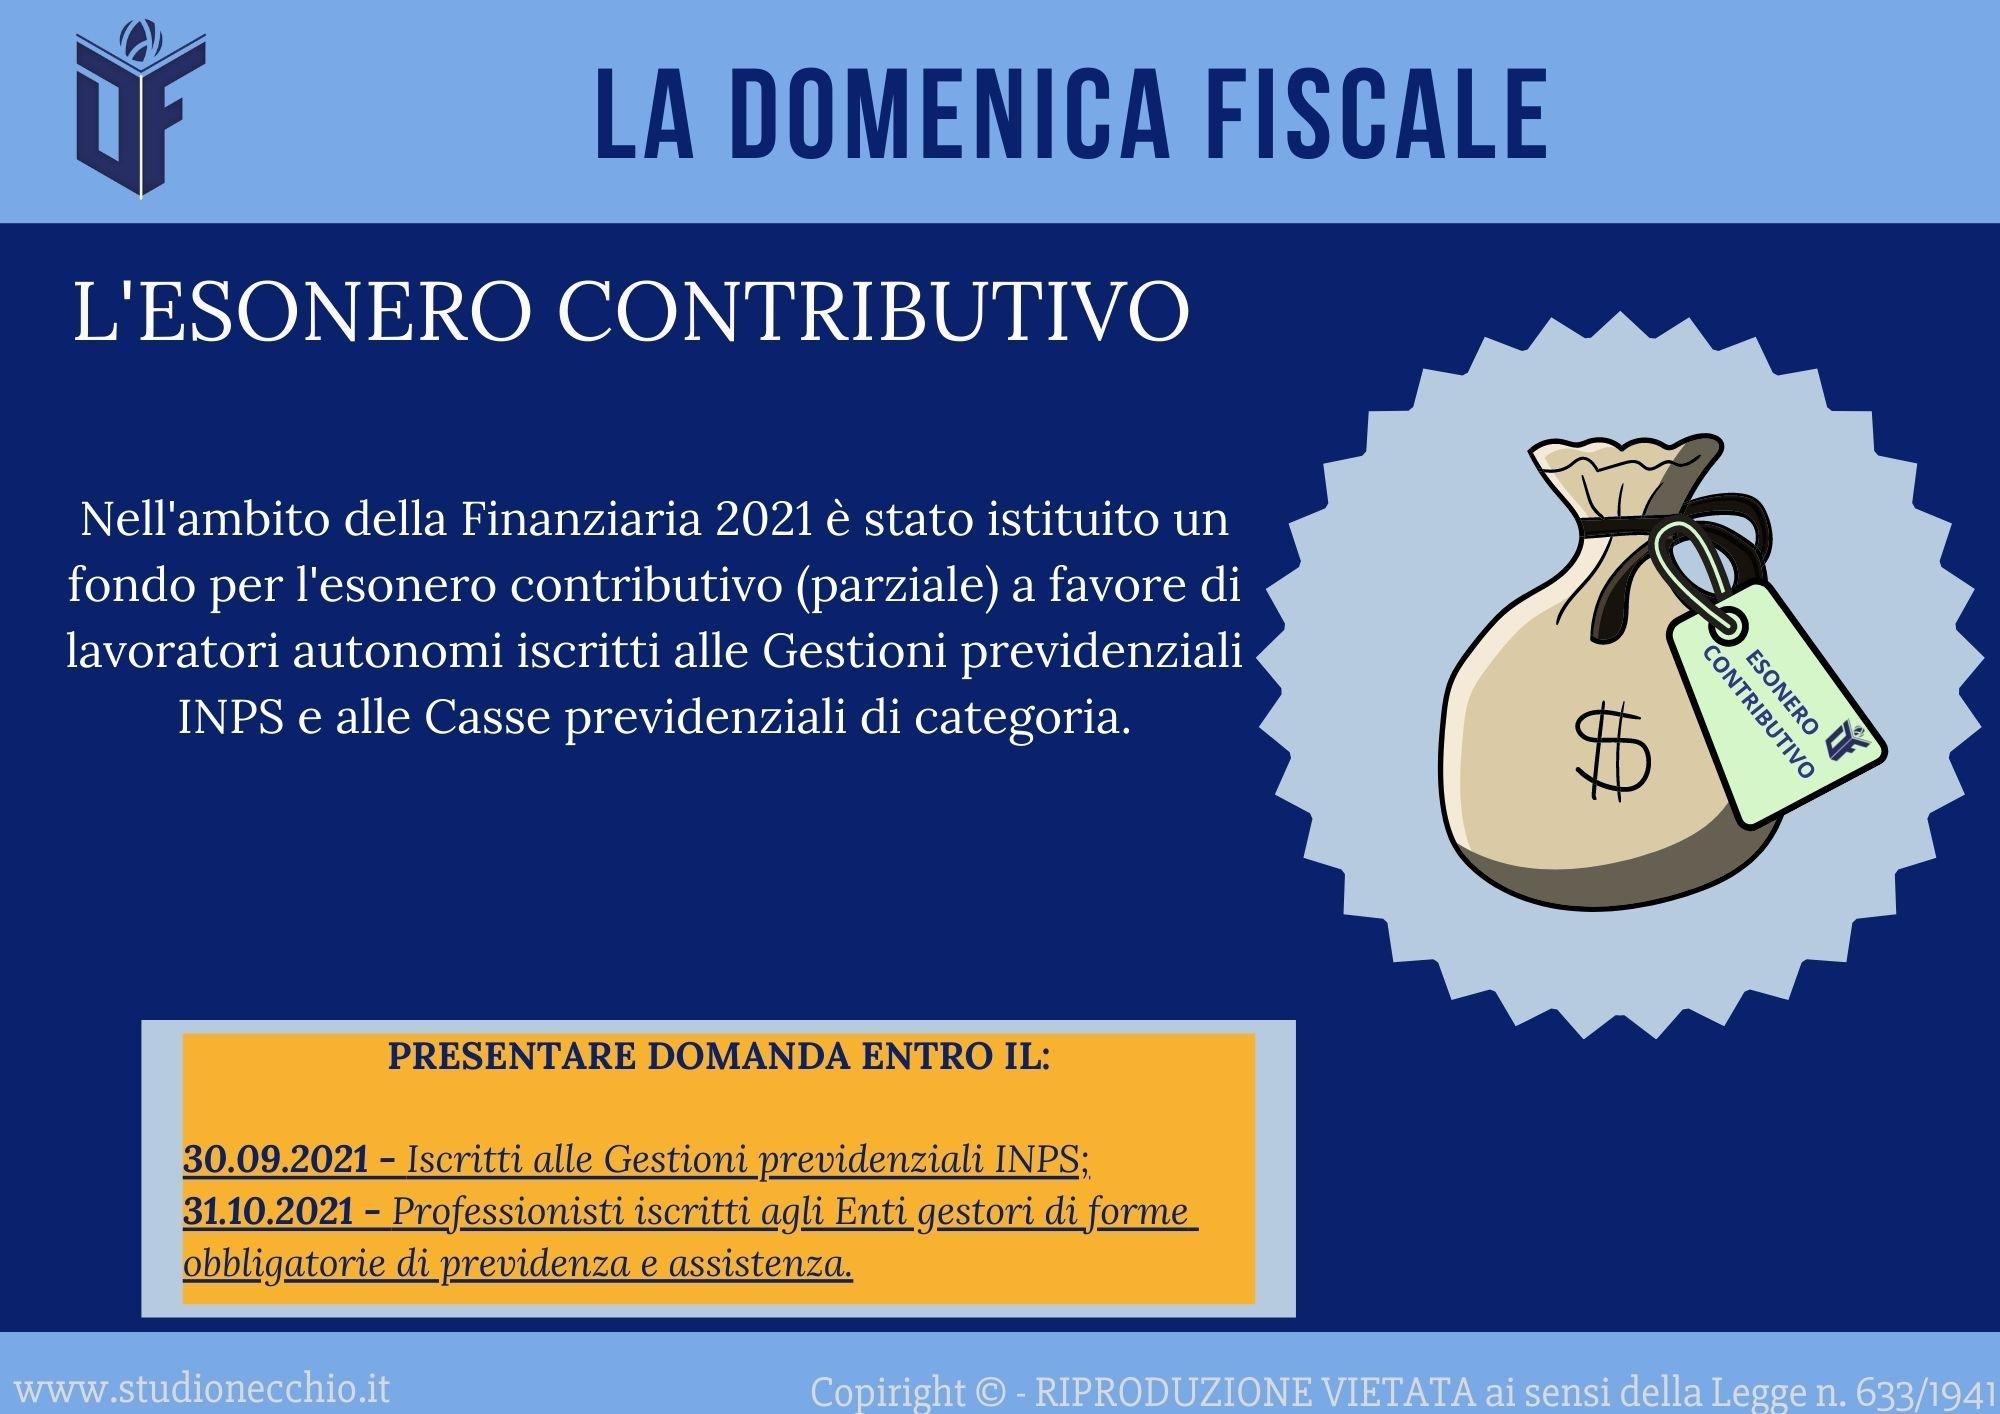 La Domenica Fiscale – ESONERO CONTRIBUTIVO